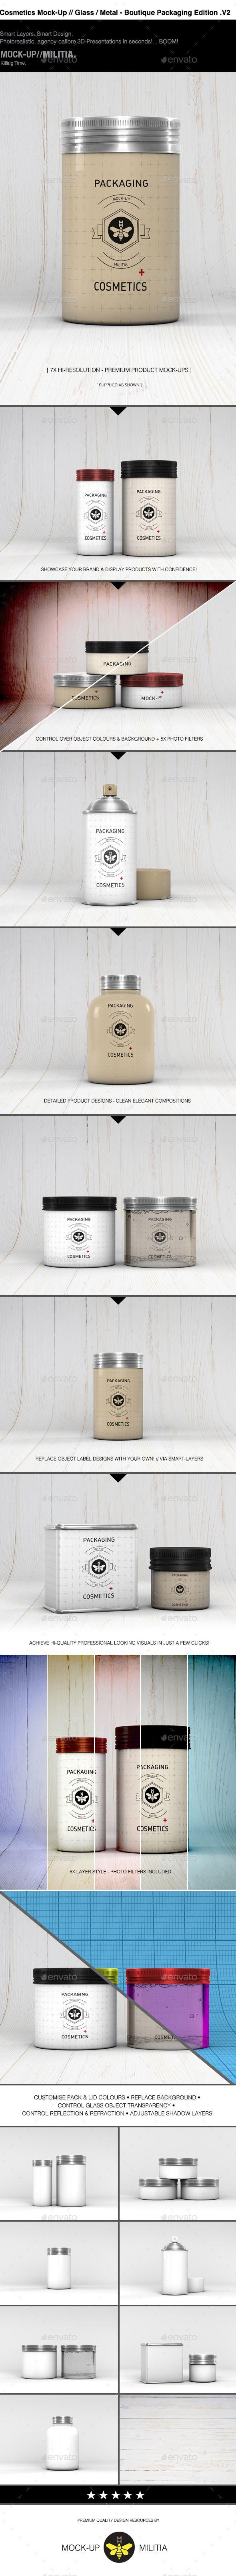 Cosmetics | Grooming Kit | Toiletries | Mock-Up | 2 - Beauty Packaging